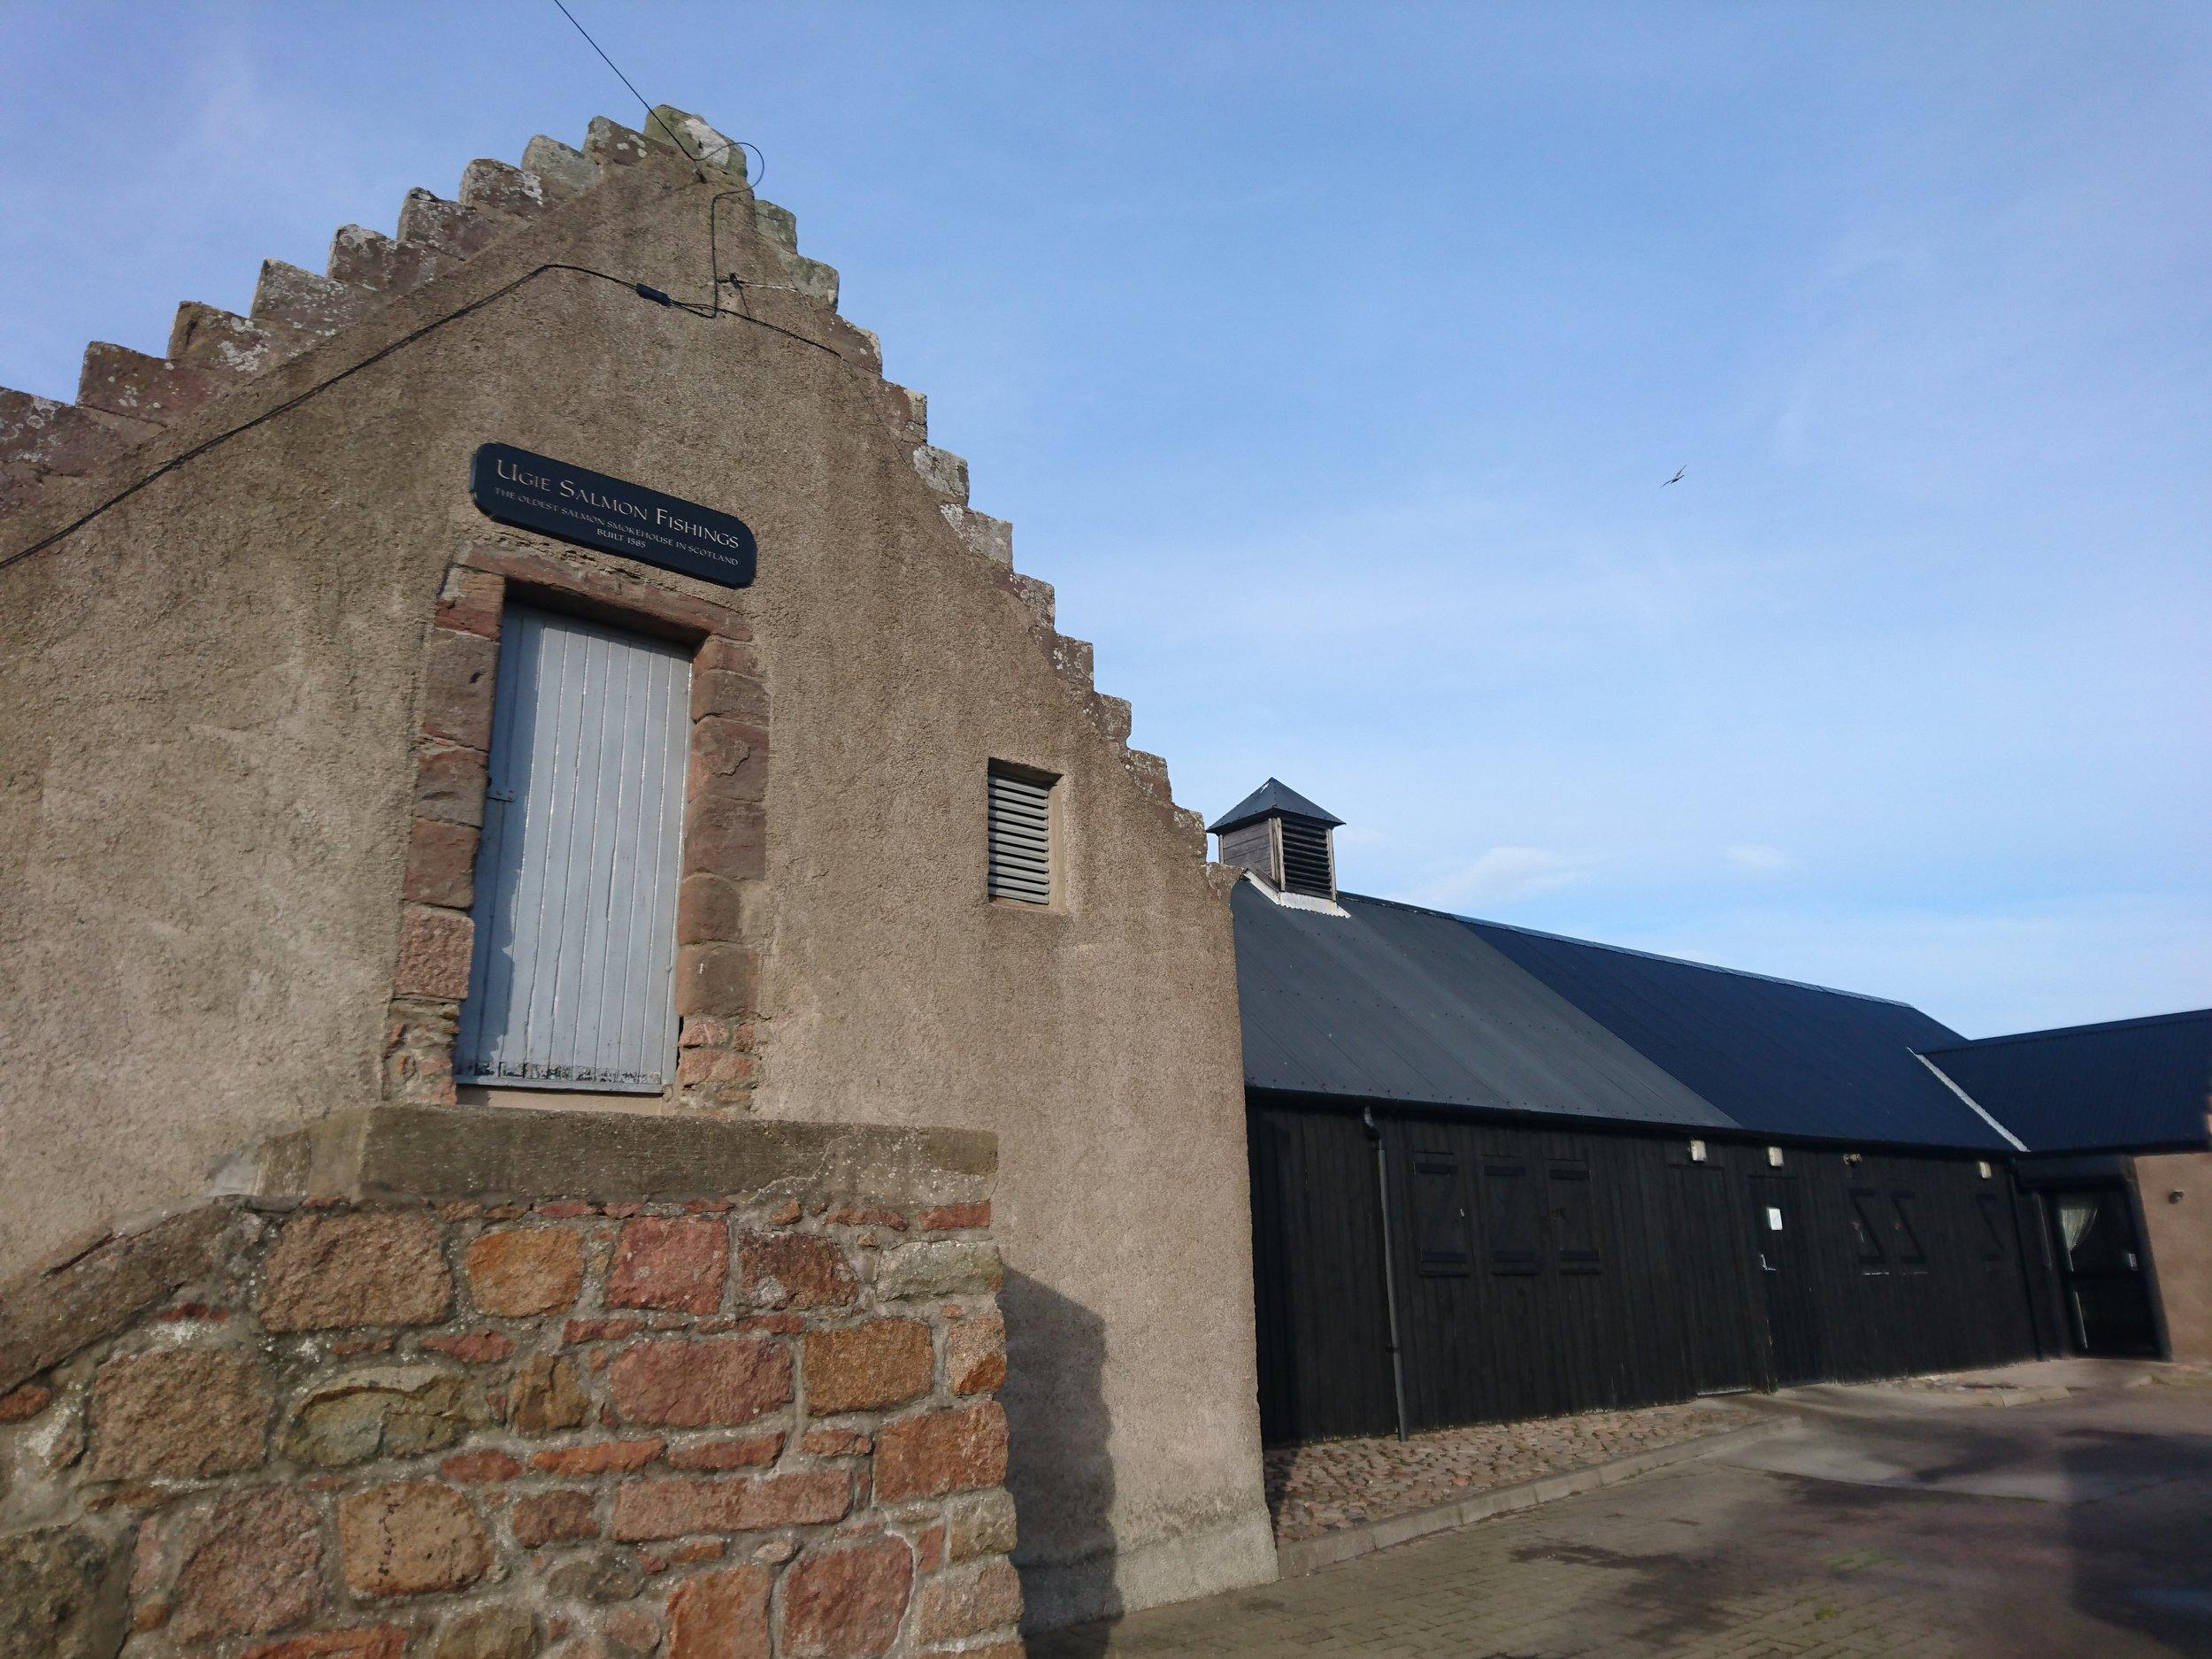 Oldest Salmon Smokehouse in Scotland